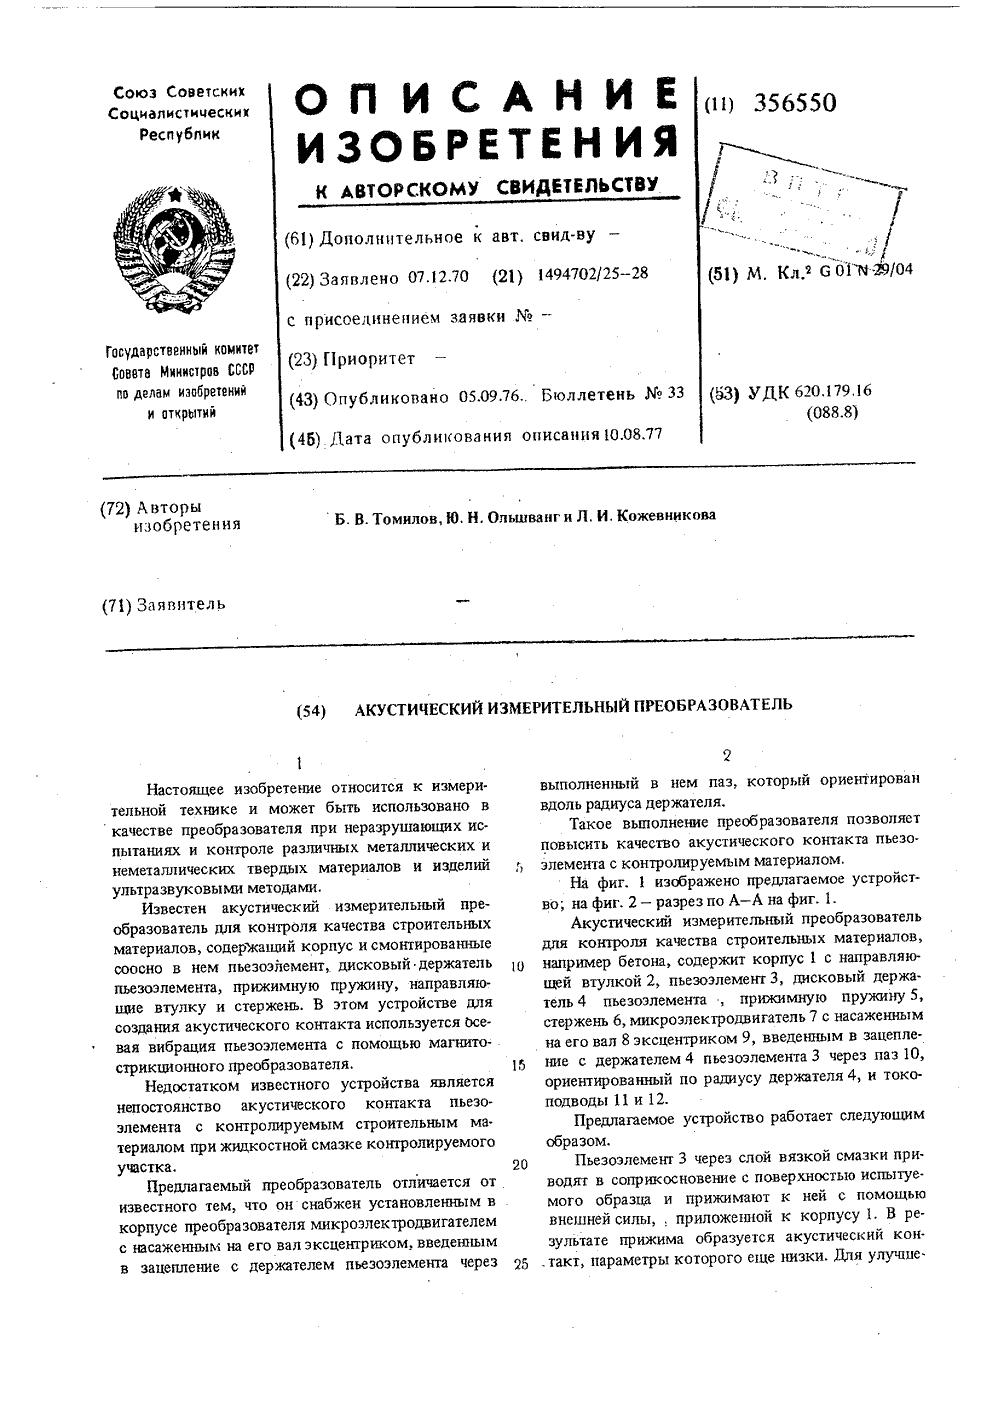 23.02.1993. контакта. акустического. дефектоскопии. контролем. Акустически